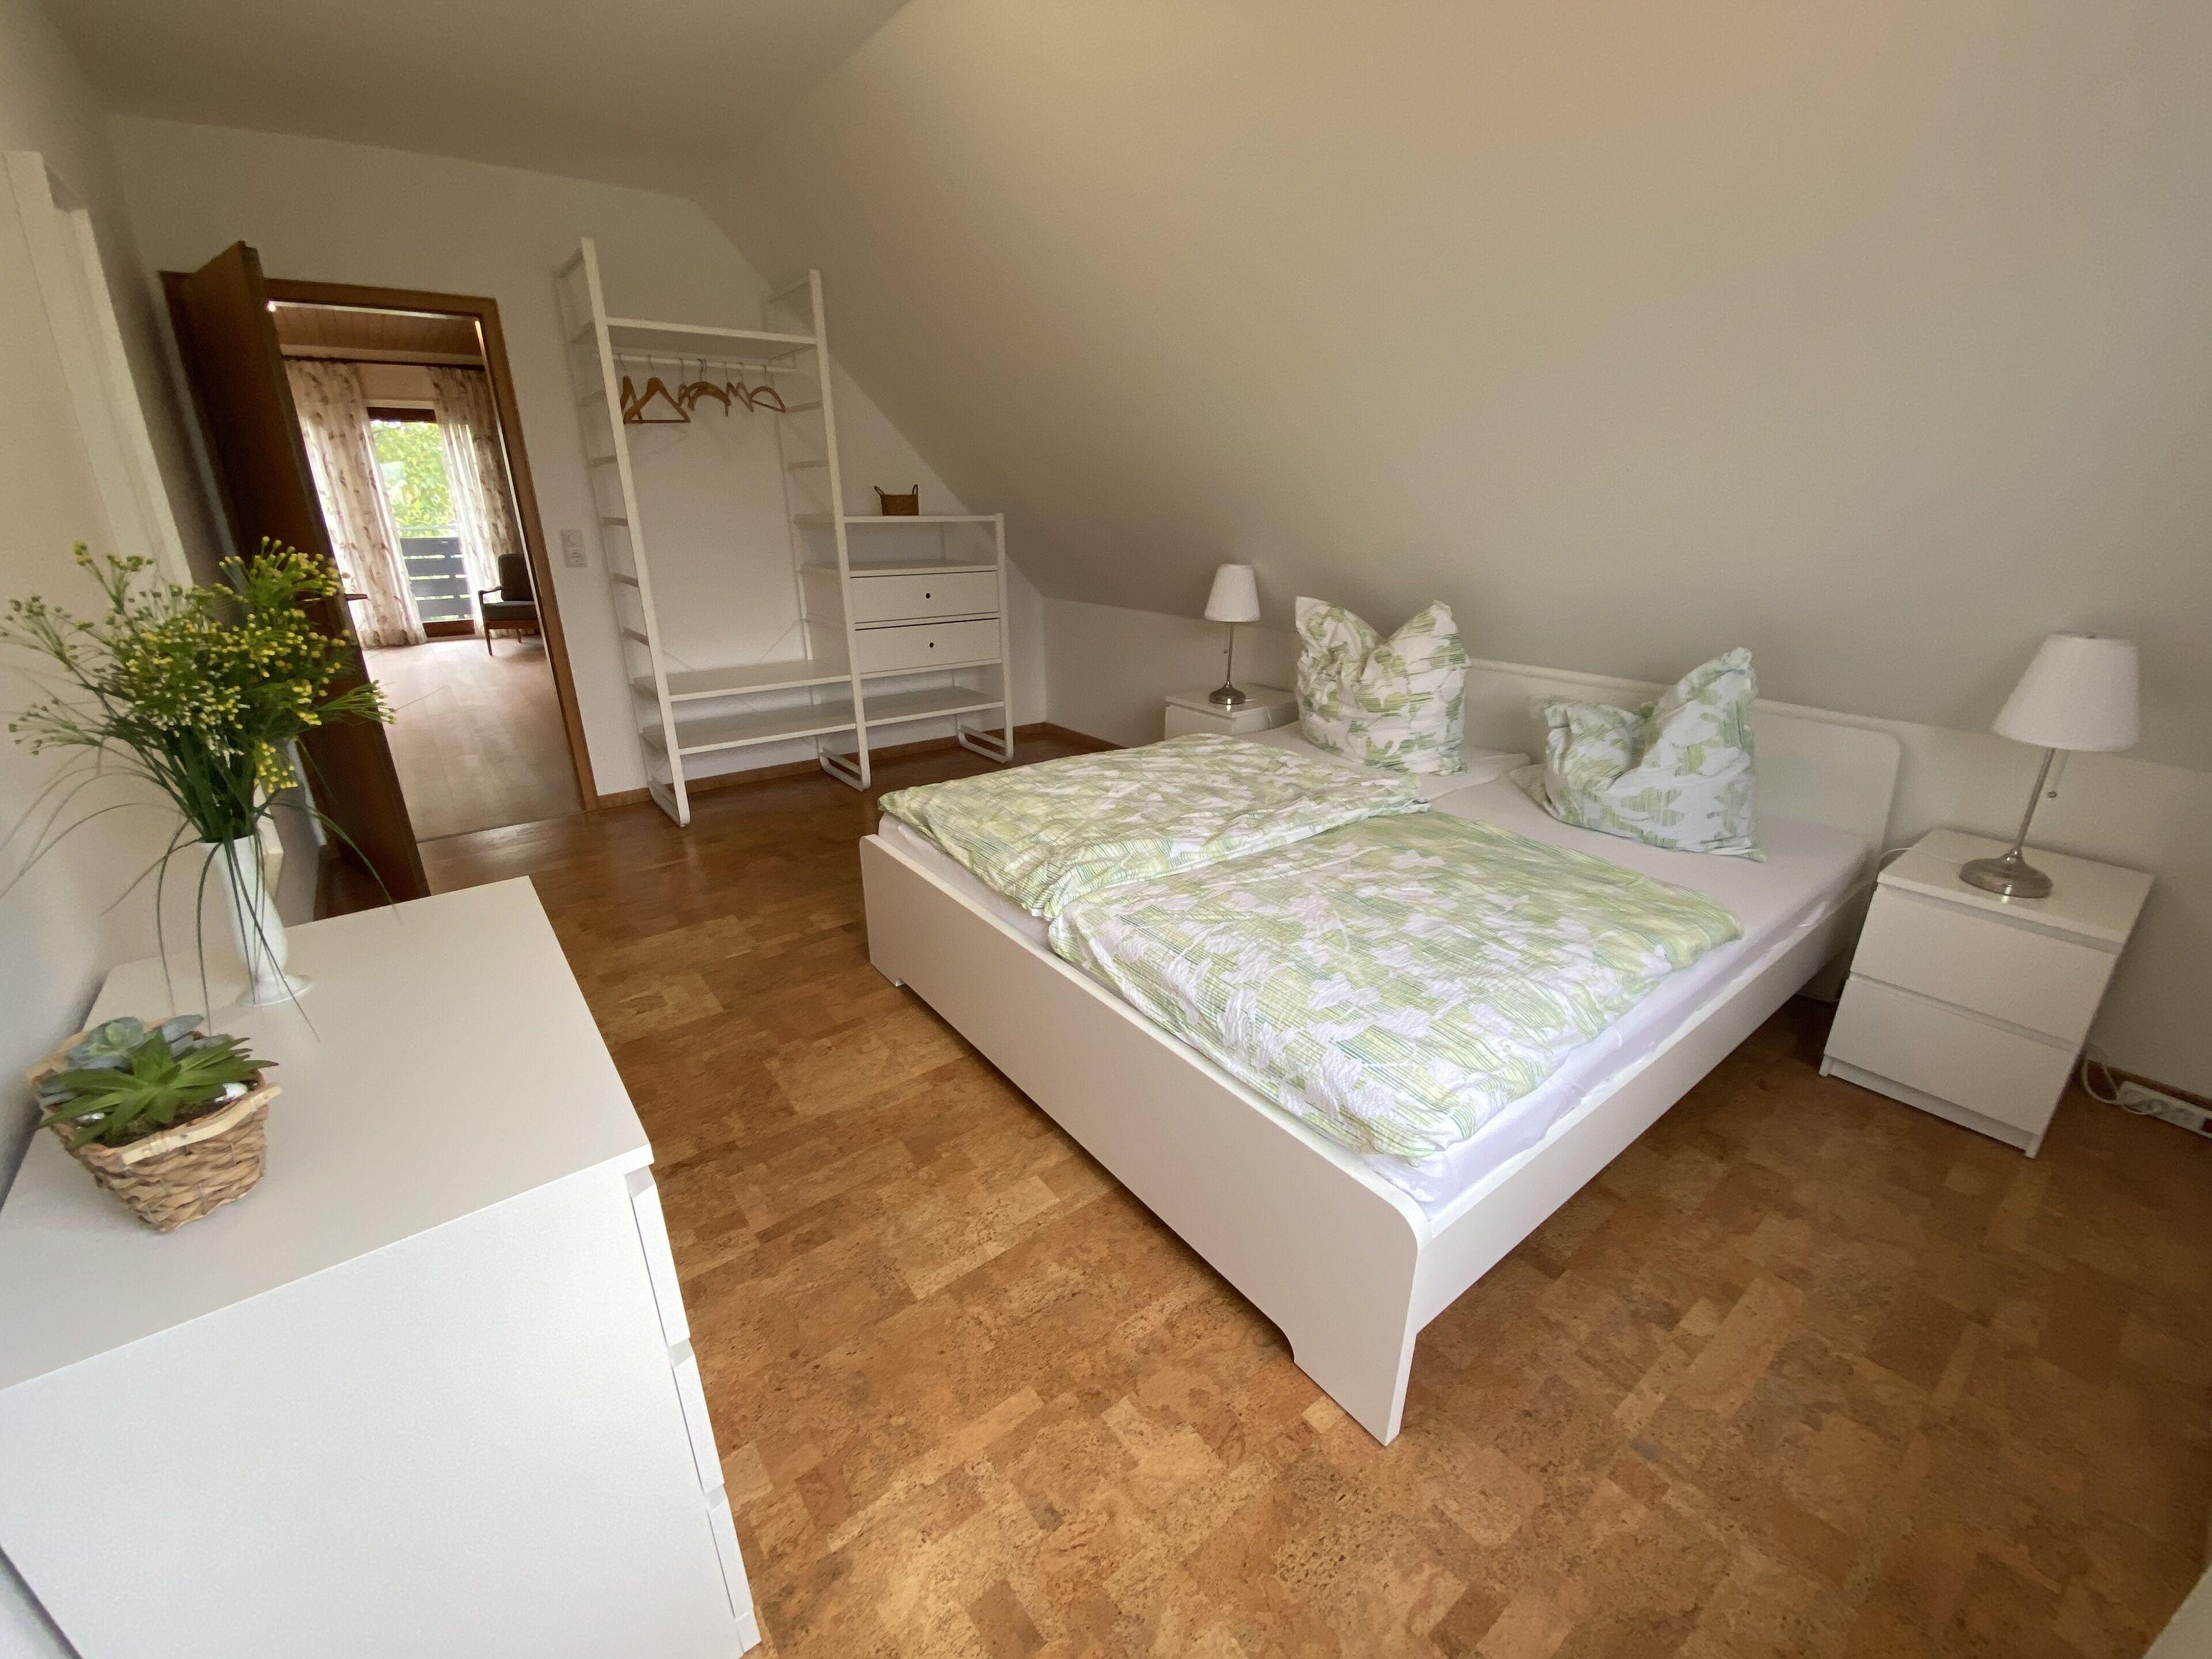 Ferienhaus Petzold Mit Garten Und Kamin Ruhige Lage 2020 Room Prices Deals Reviews Expedia